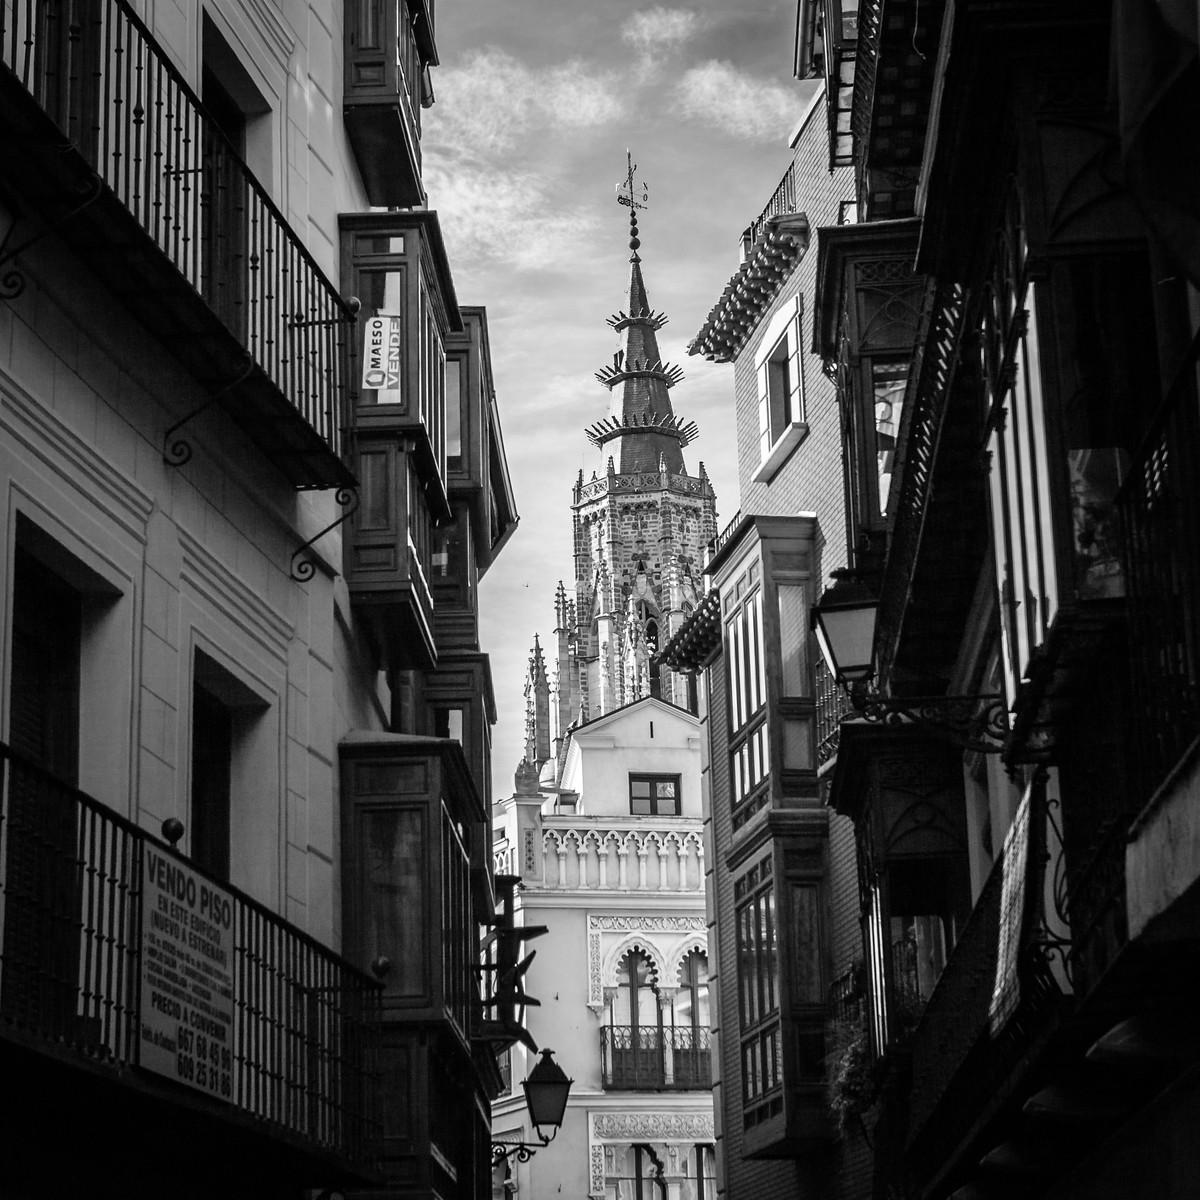 西班牙小镇,那些幽静的小石路_图1-9